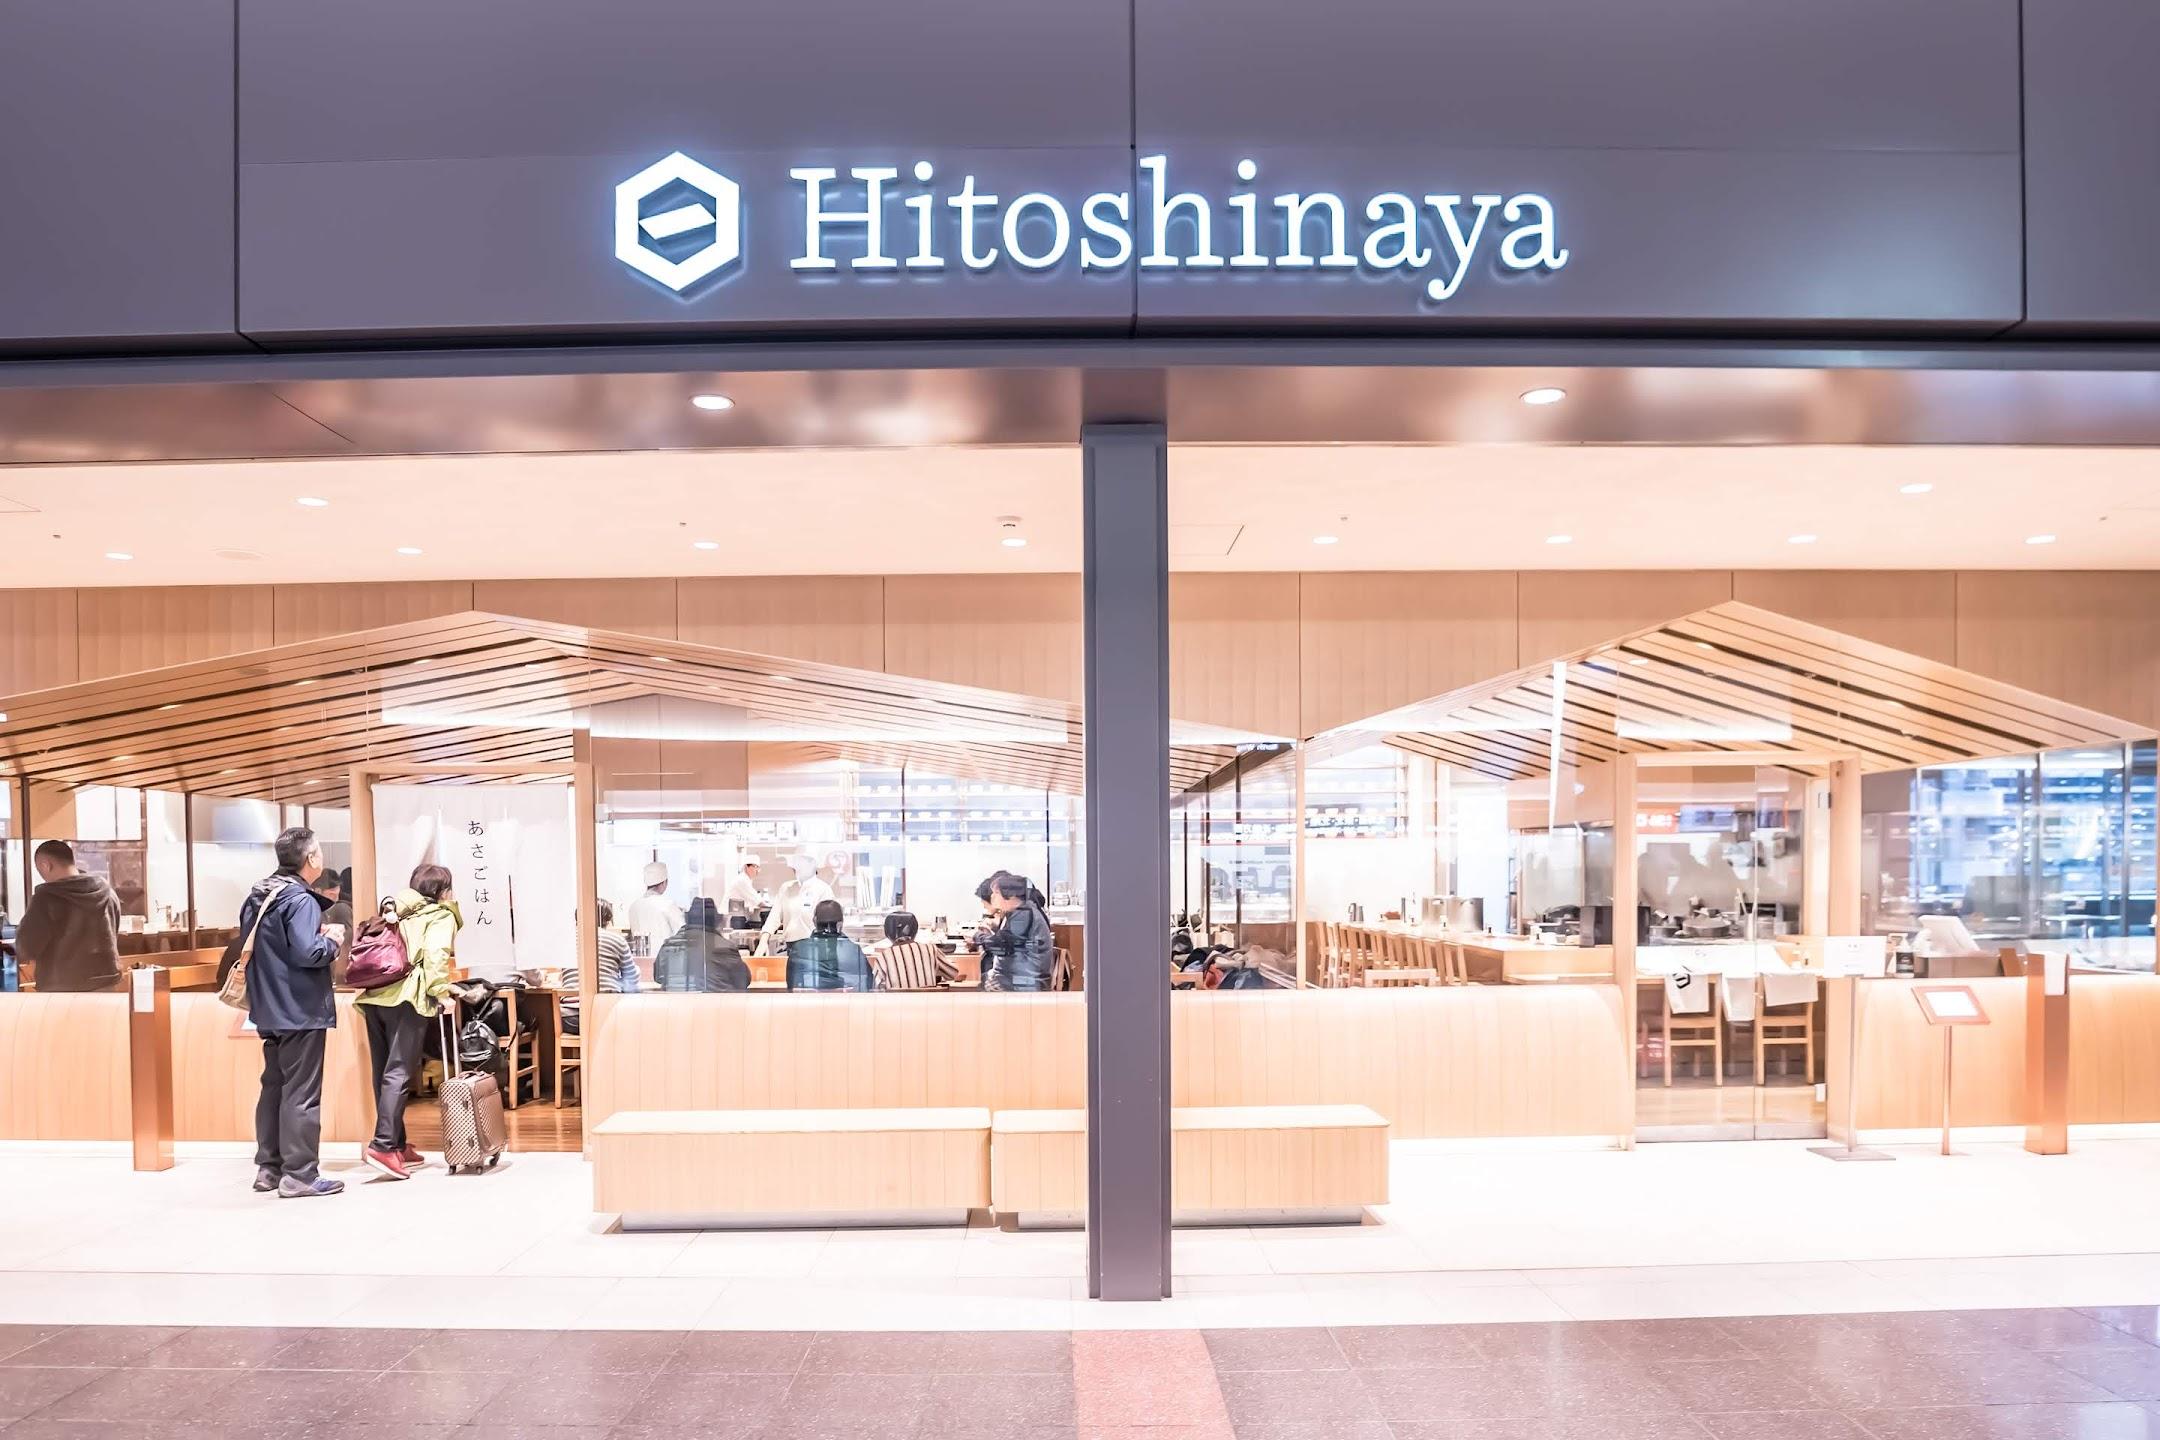 羽田空港 Hitoshinaya1